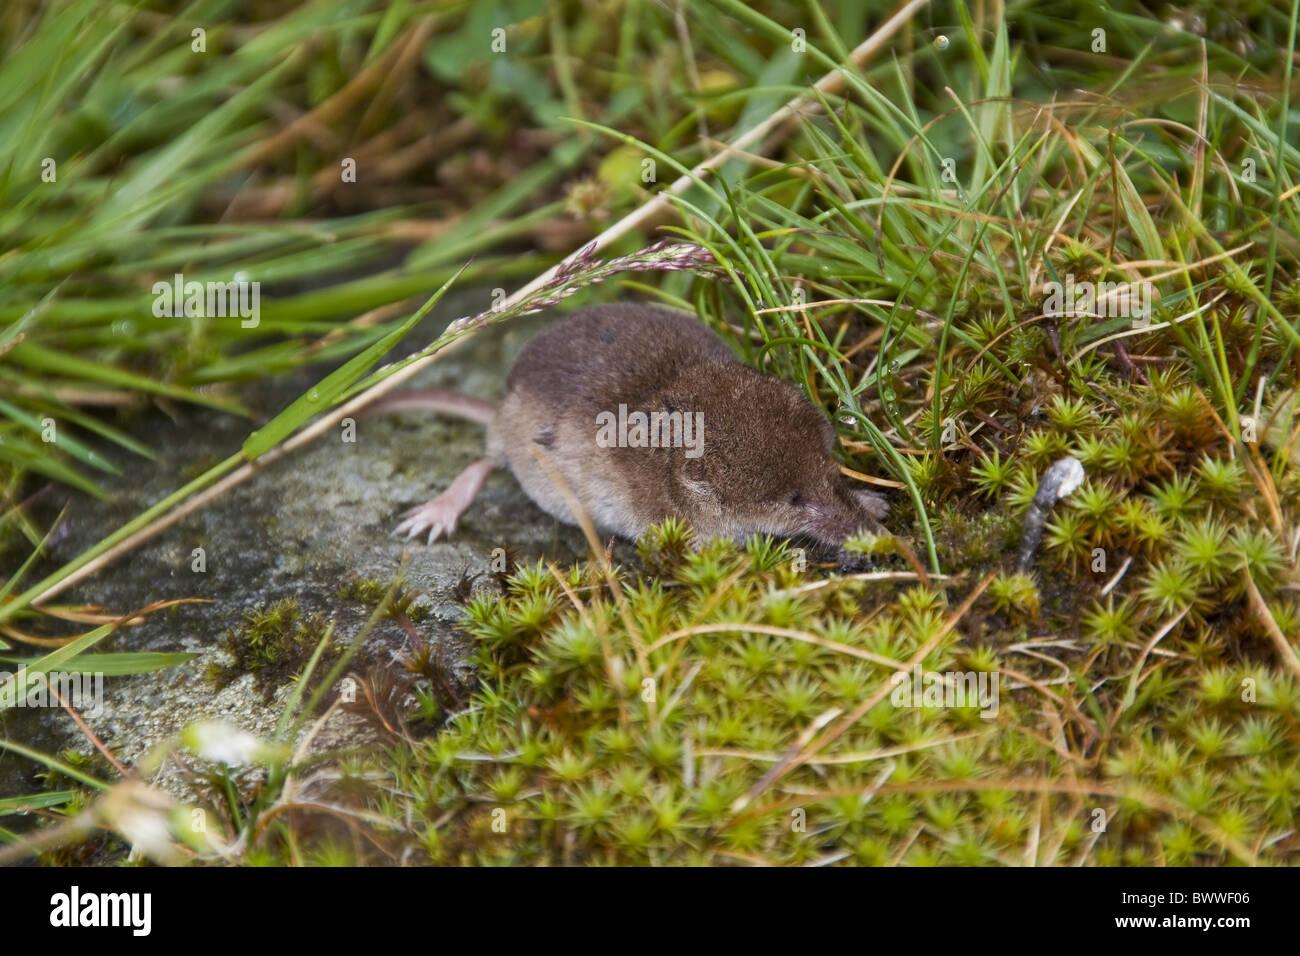 Pygmy Shrew photographed on isle Jura Scotland. - Stock Image